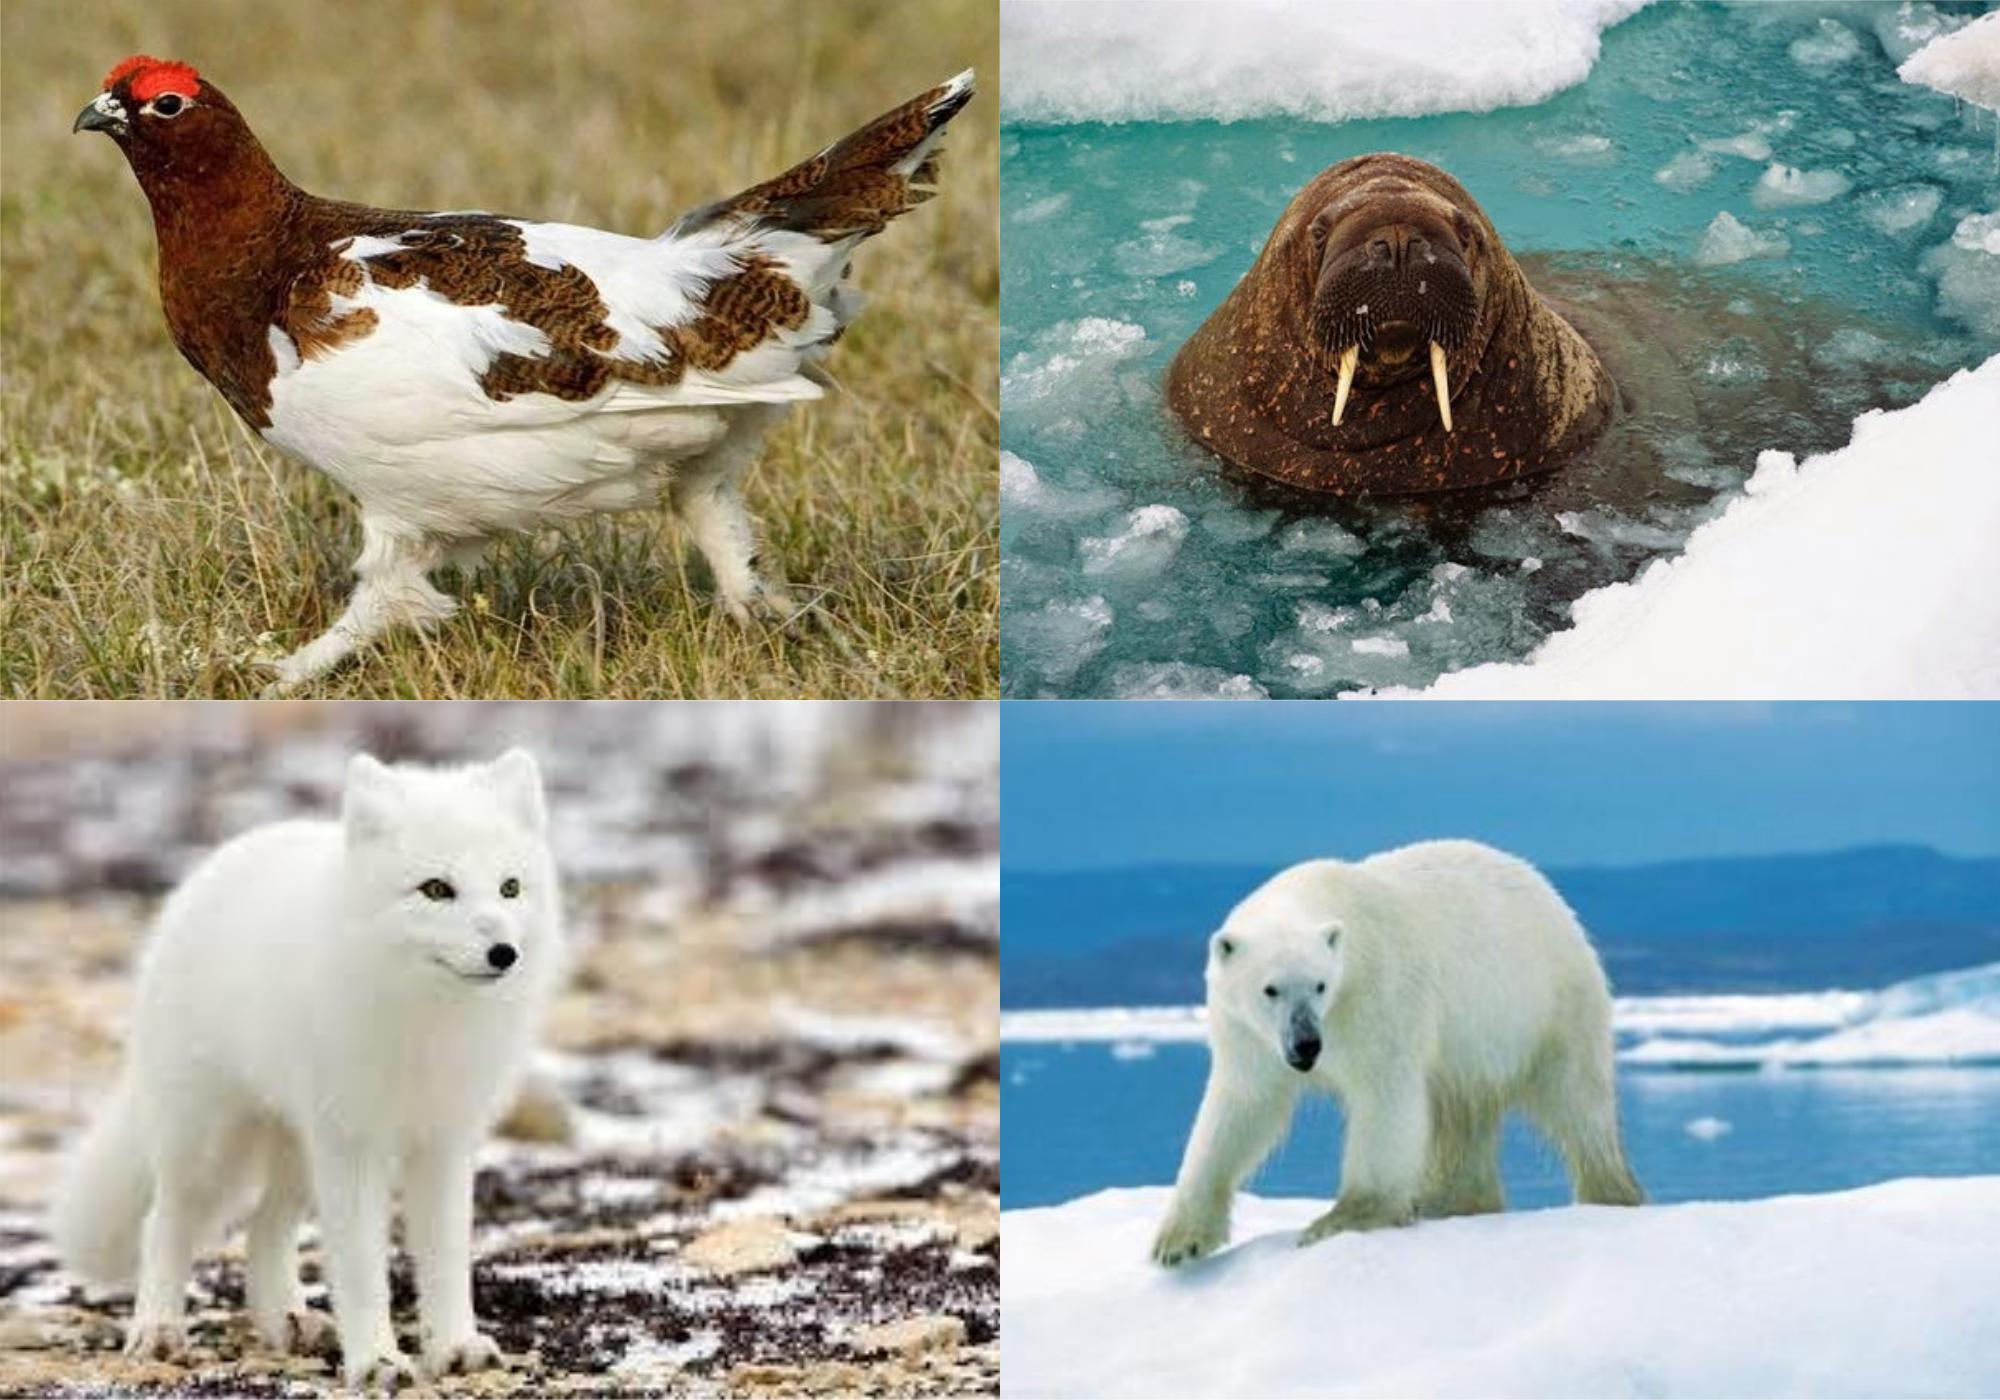 بالصور كيف تأقلمت الكائنات الحية على صقيع الحياة القطبية بوابة الشروق نسخة الموبايل